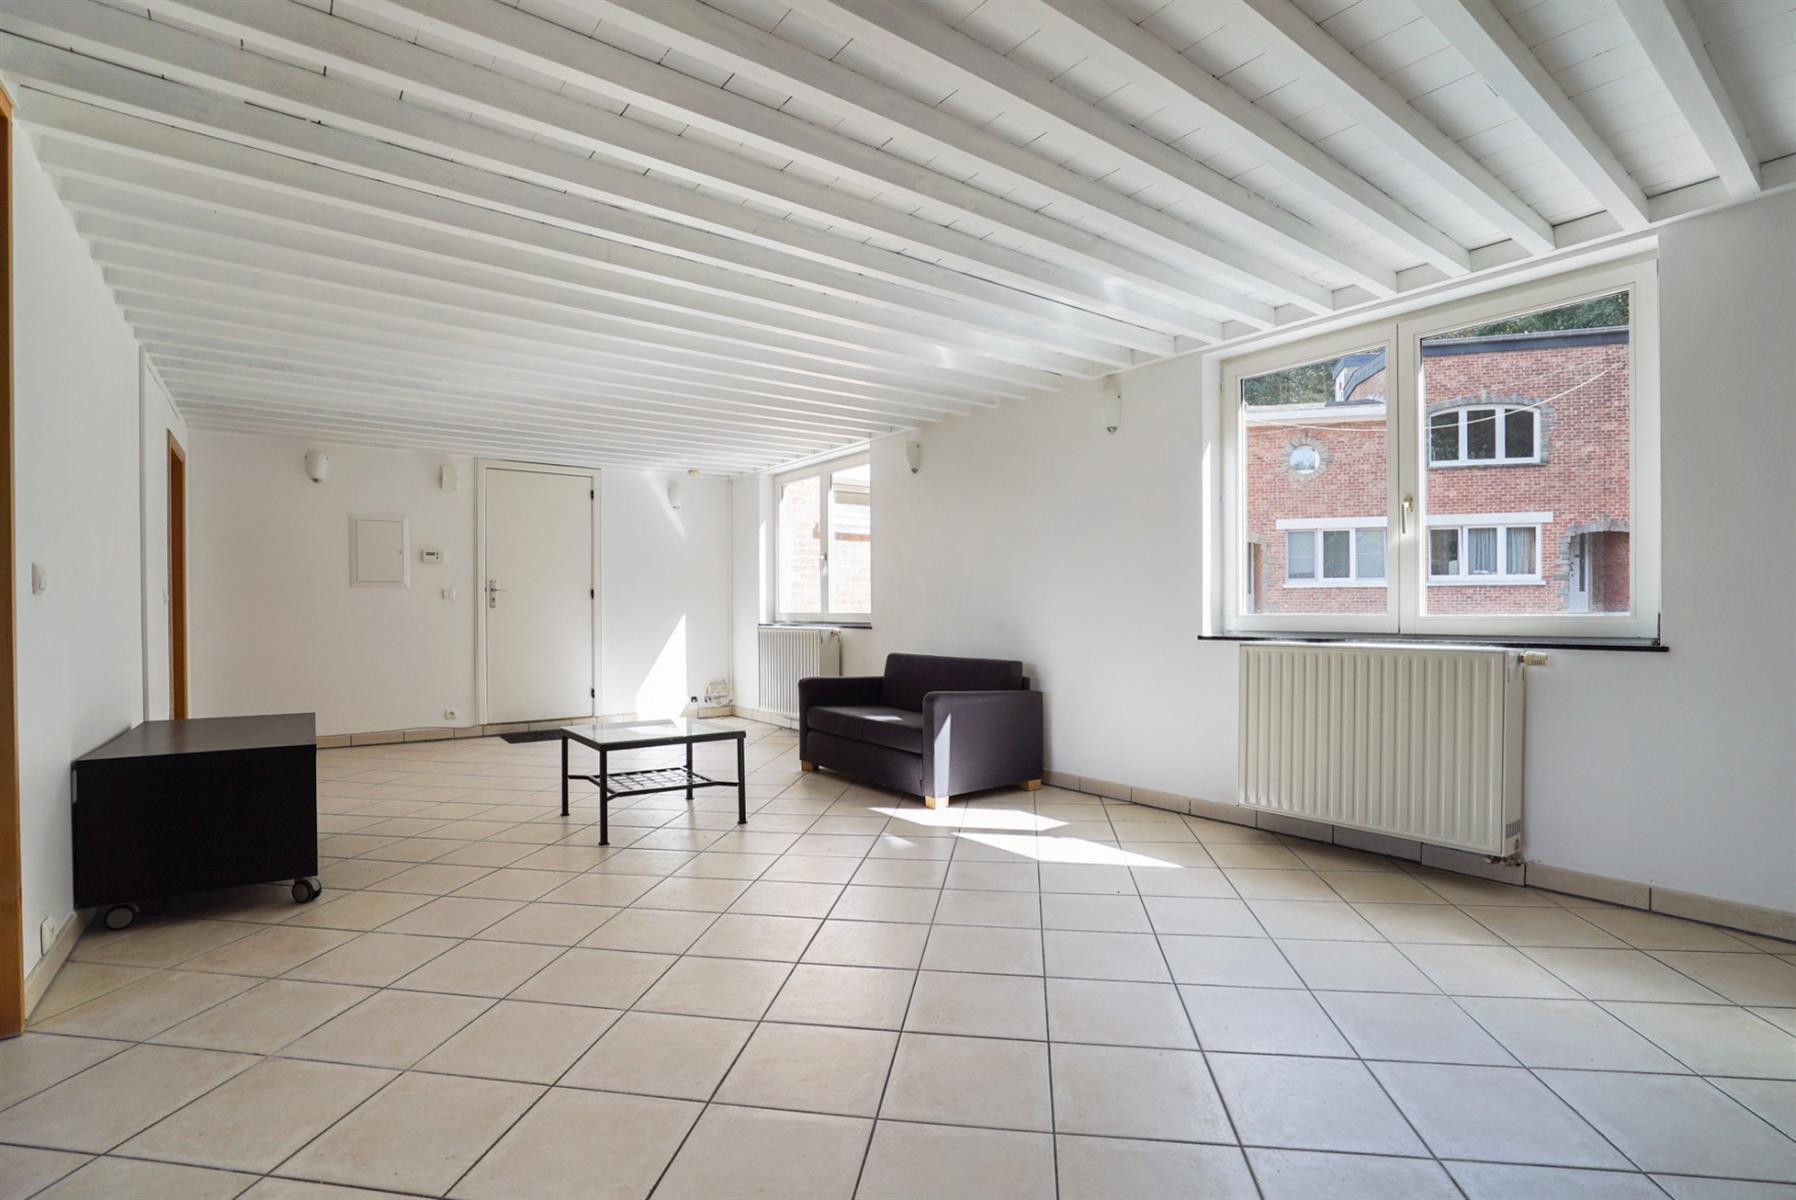 Duplex - Chaudfontaine Vaux-sous-Chèvremont - #4141991-0